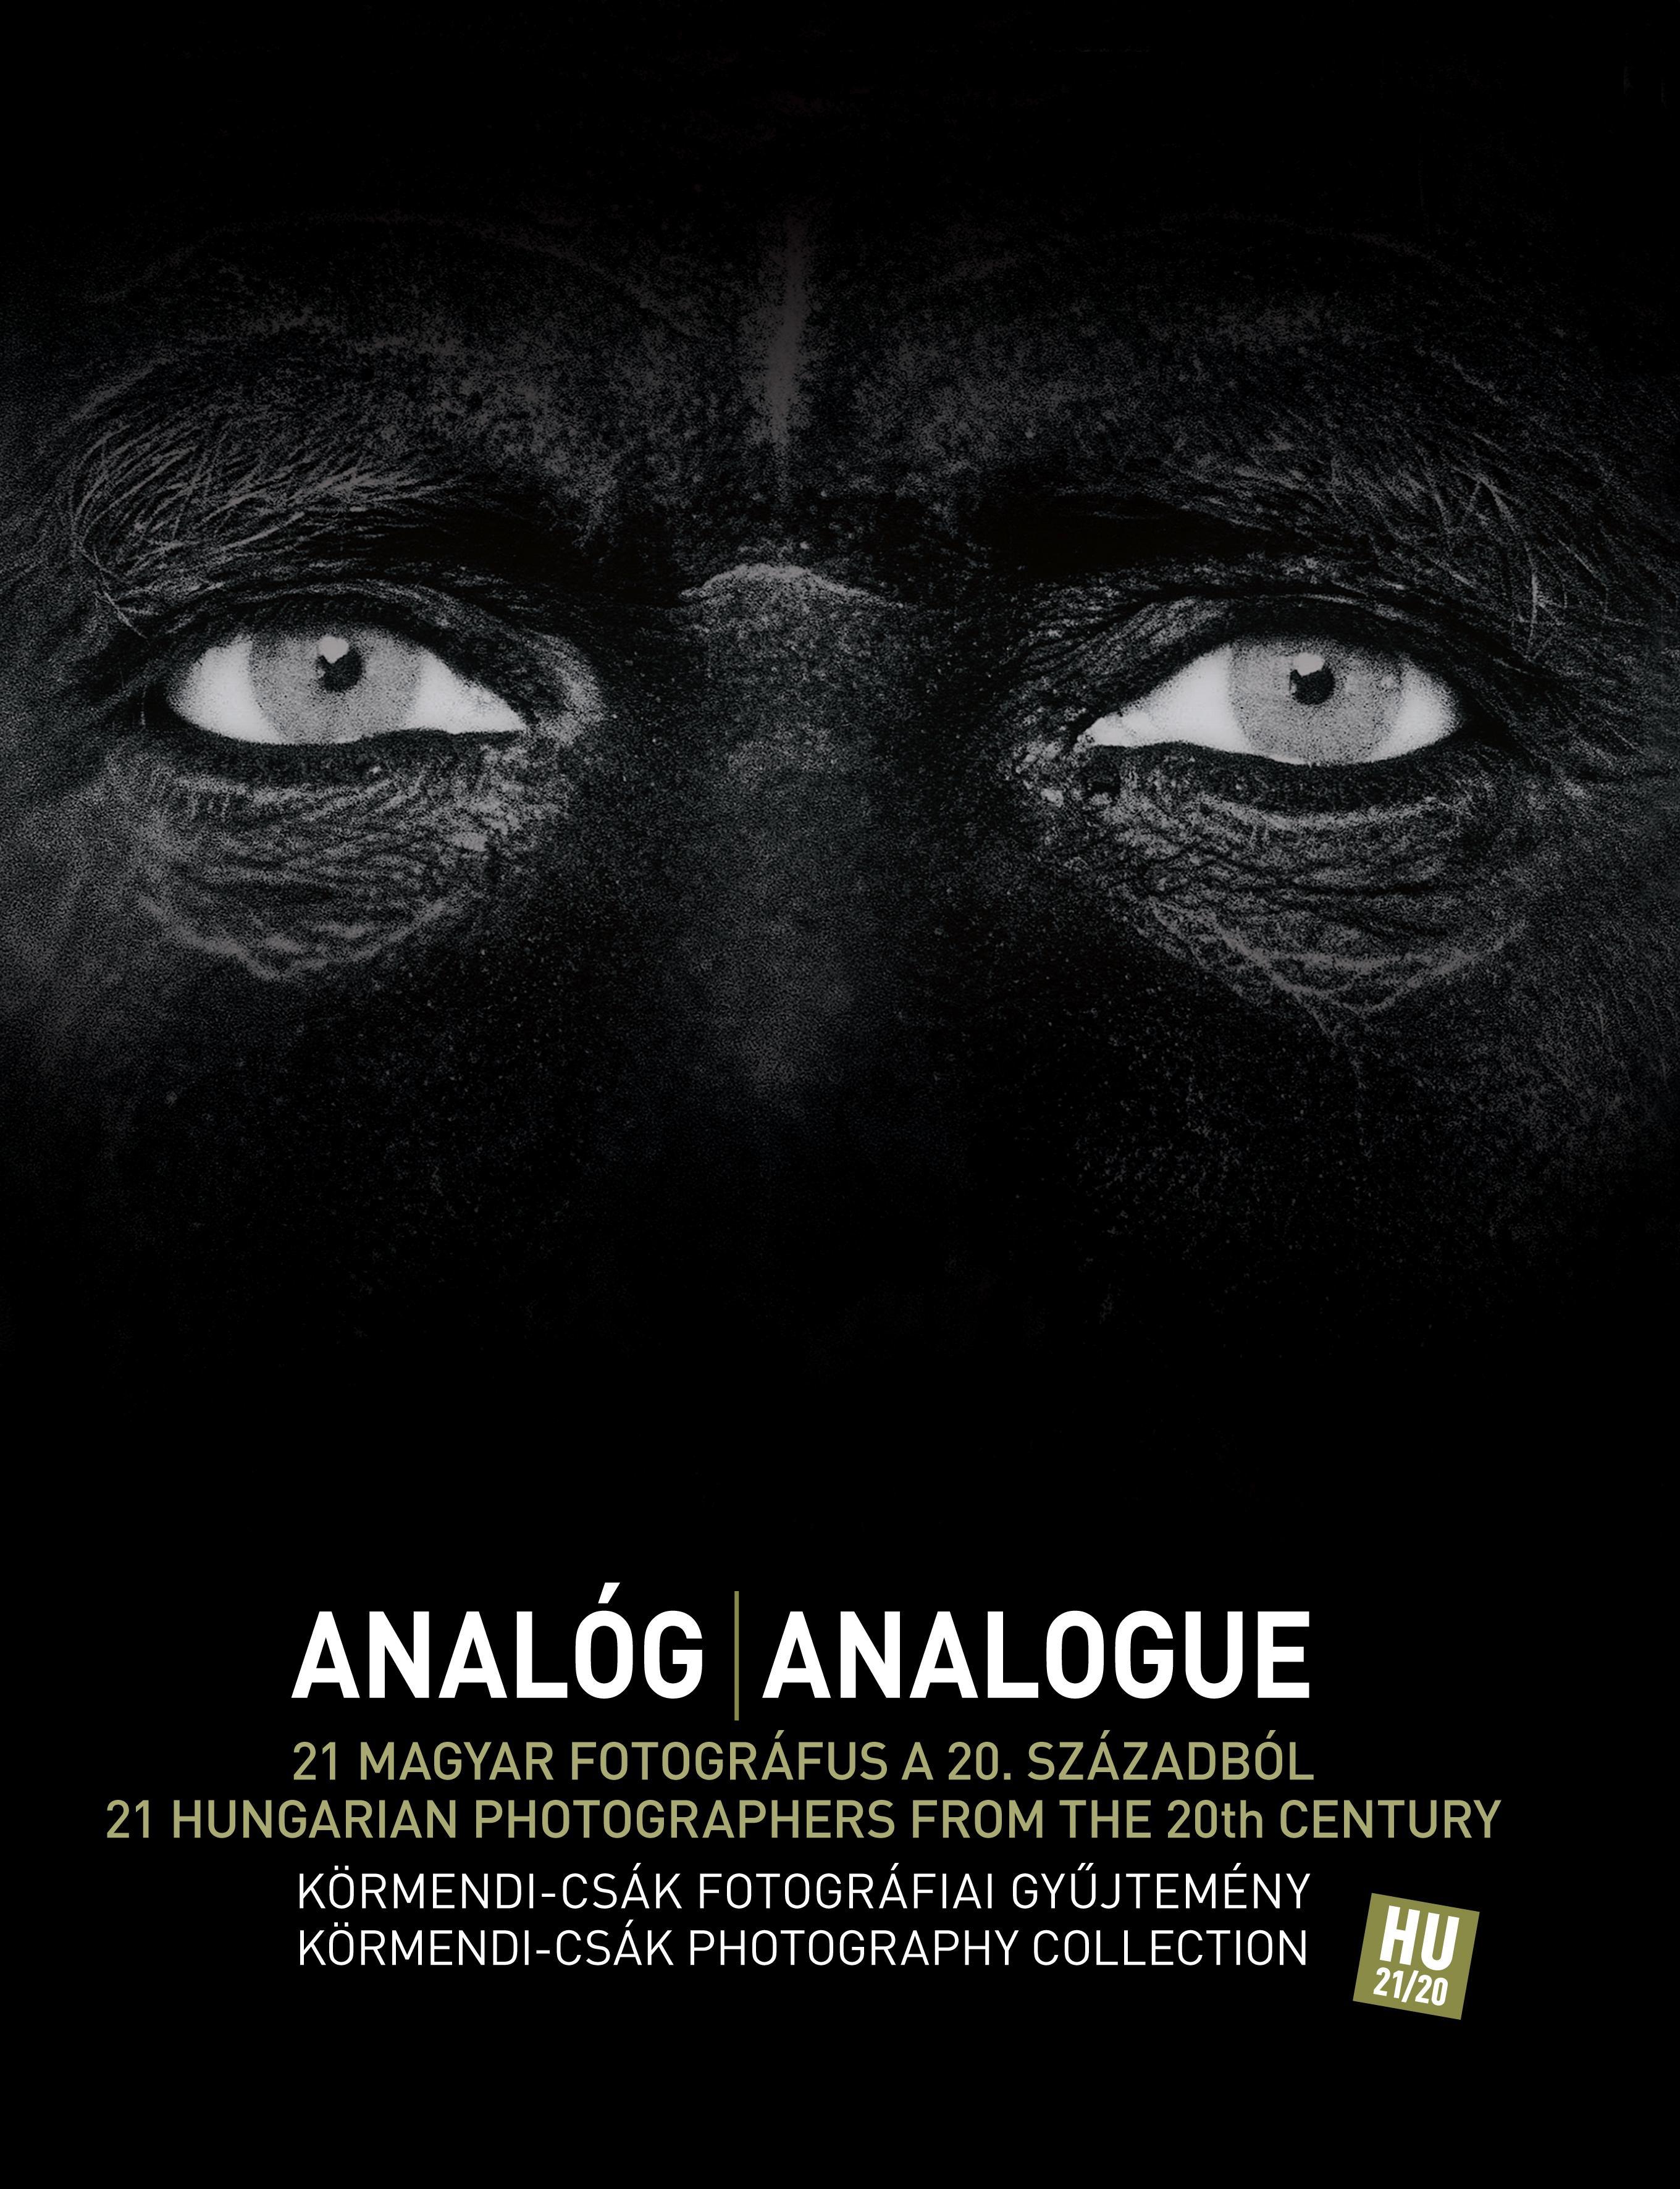 ANALÓG - ANALOGUE 21 MAGYAR FOTOGRÁFUS... (MAGYAR-ANGOL)